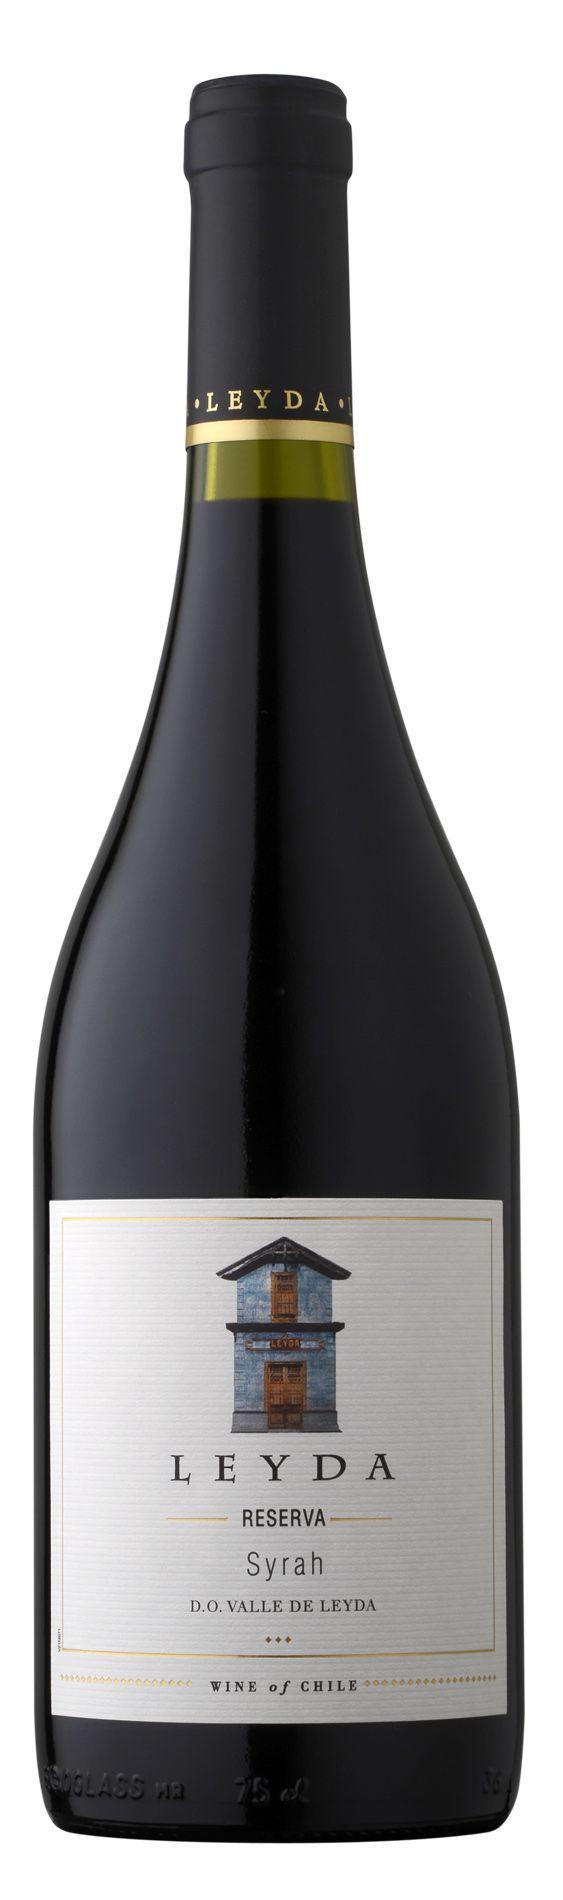 Vinho Leyda Reserva Syrah